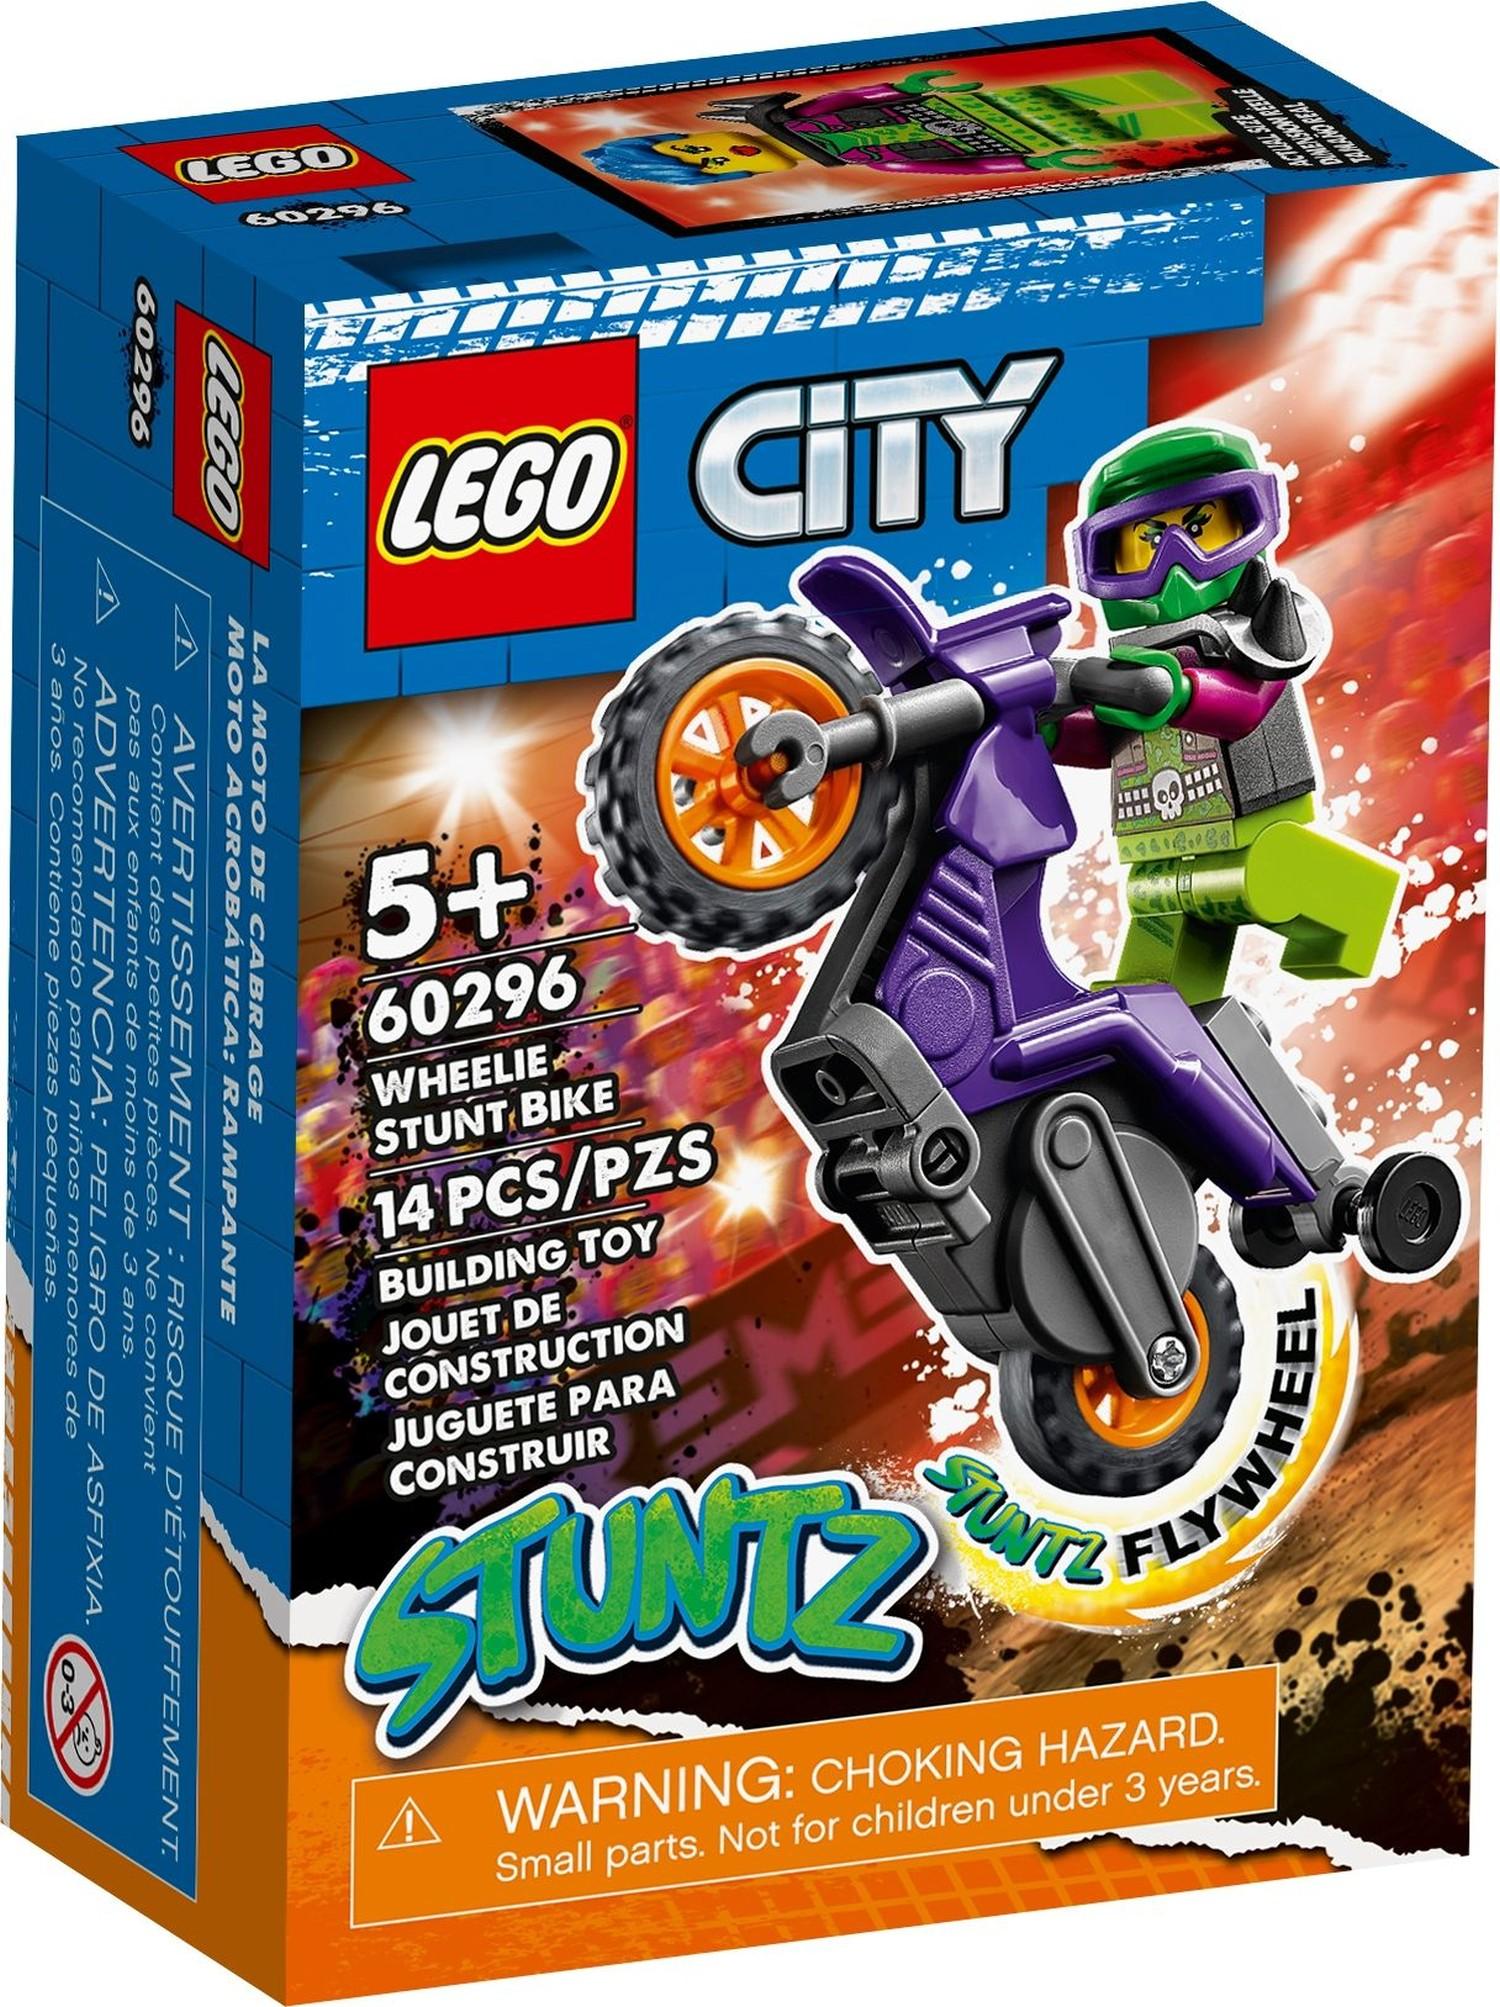 レゴ(LEGO) シティ ウィリー・スタントバイク 60296